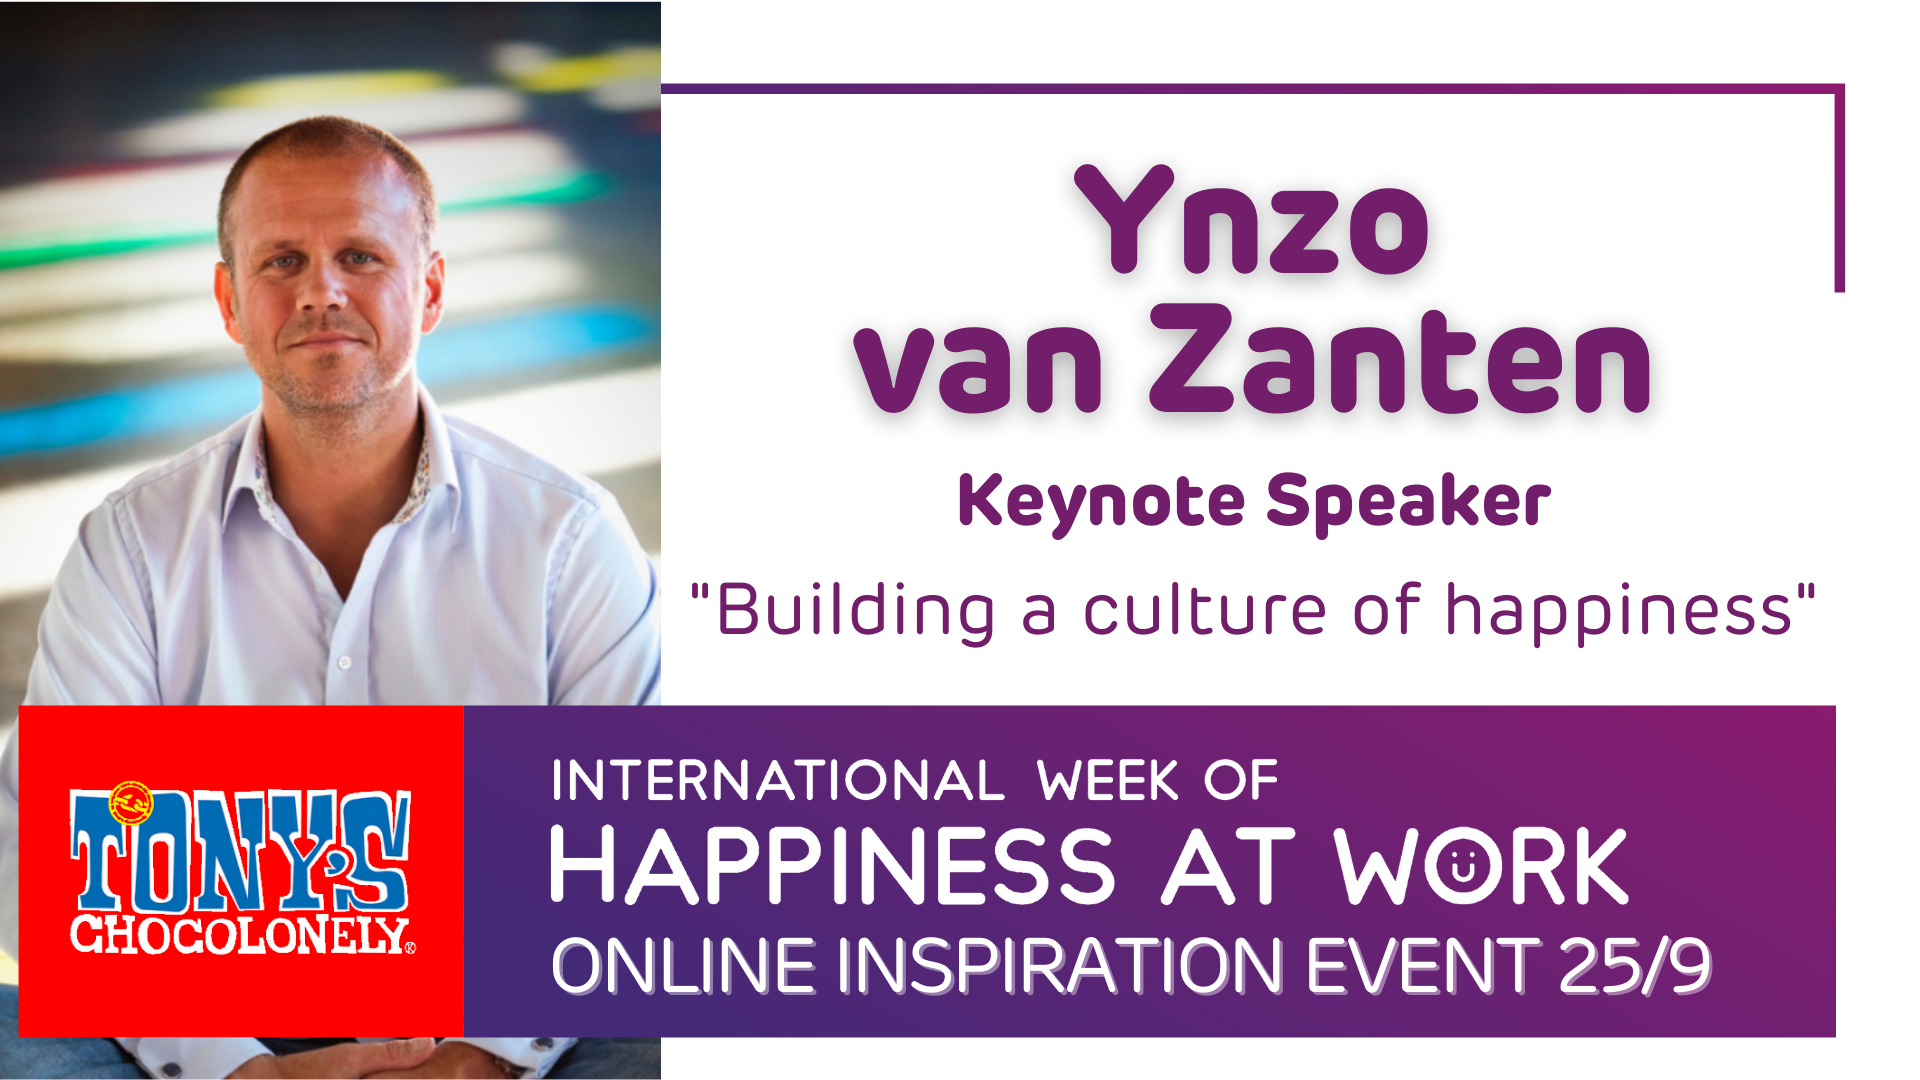 keynote speaker Ynzo van Zanten